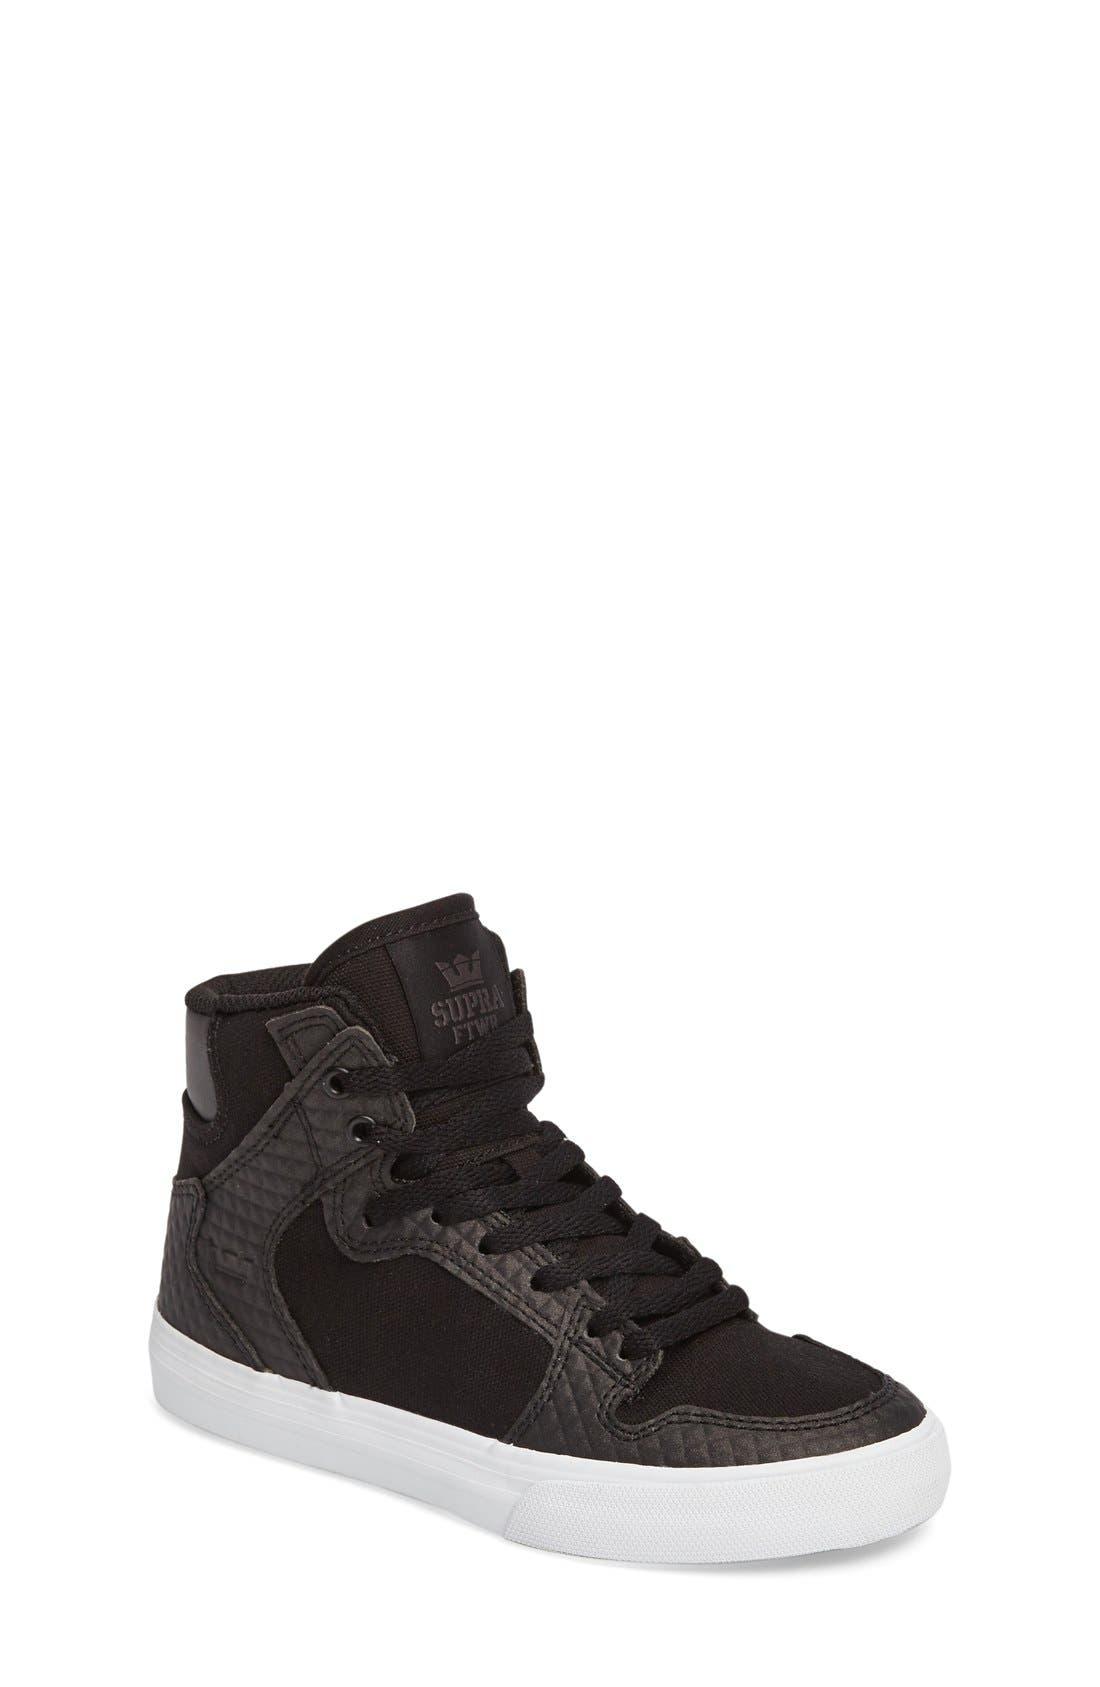 Alternate Image 1 Selected - Supra 'Vaider' High Top Sneaker (Walker, Toddler, Little Kid & Big Kid)